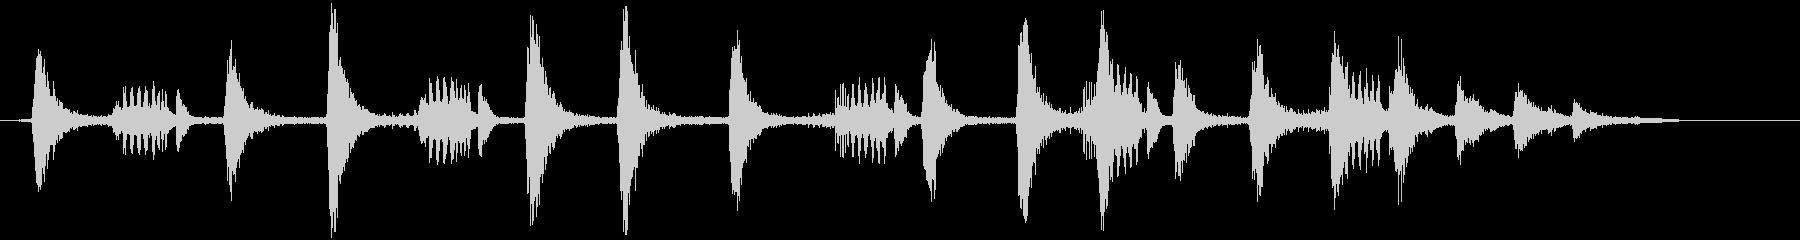 ノロジカの未再生の波形